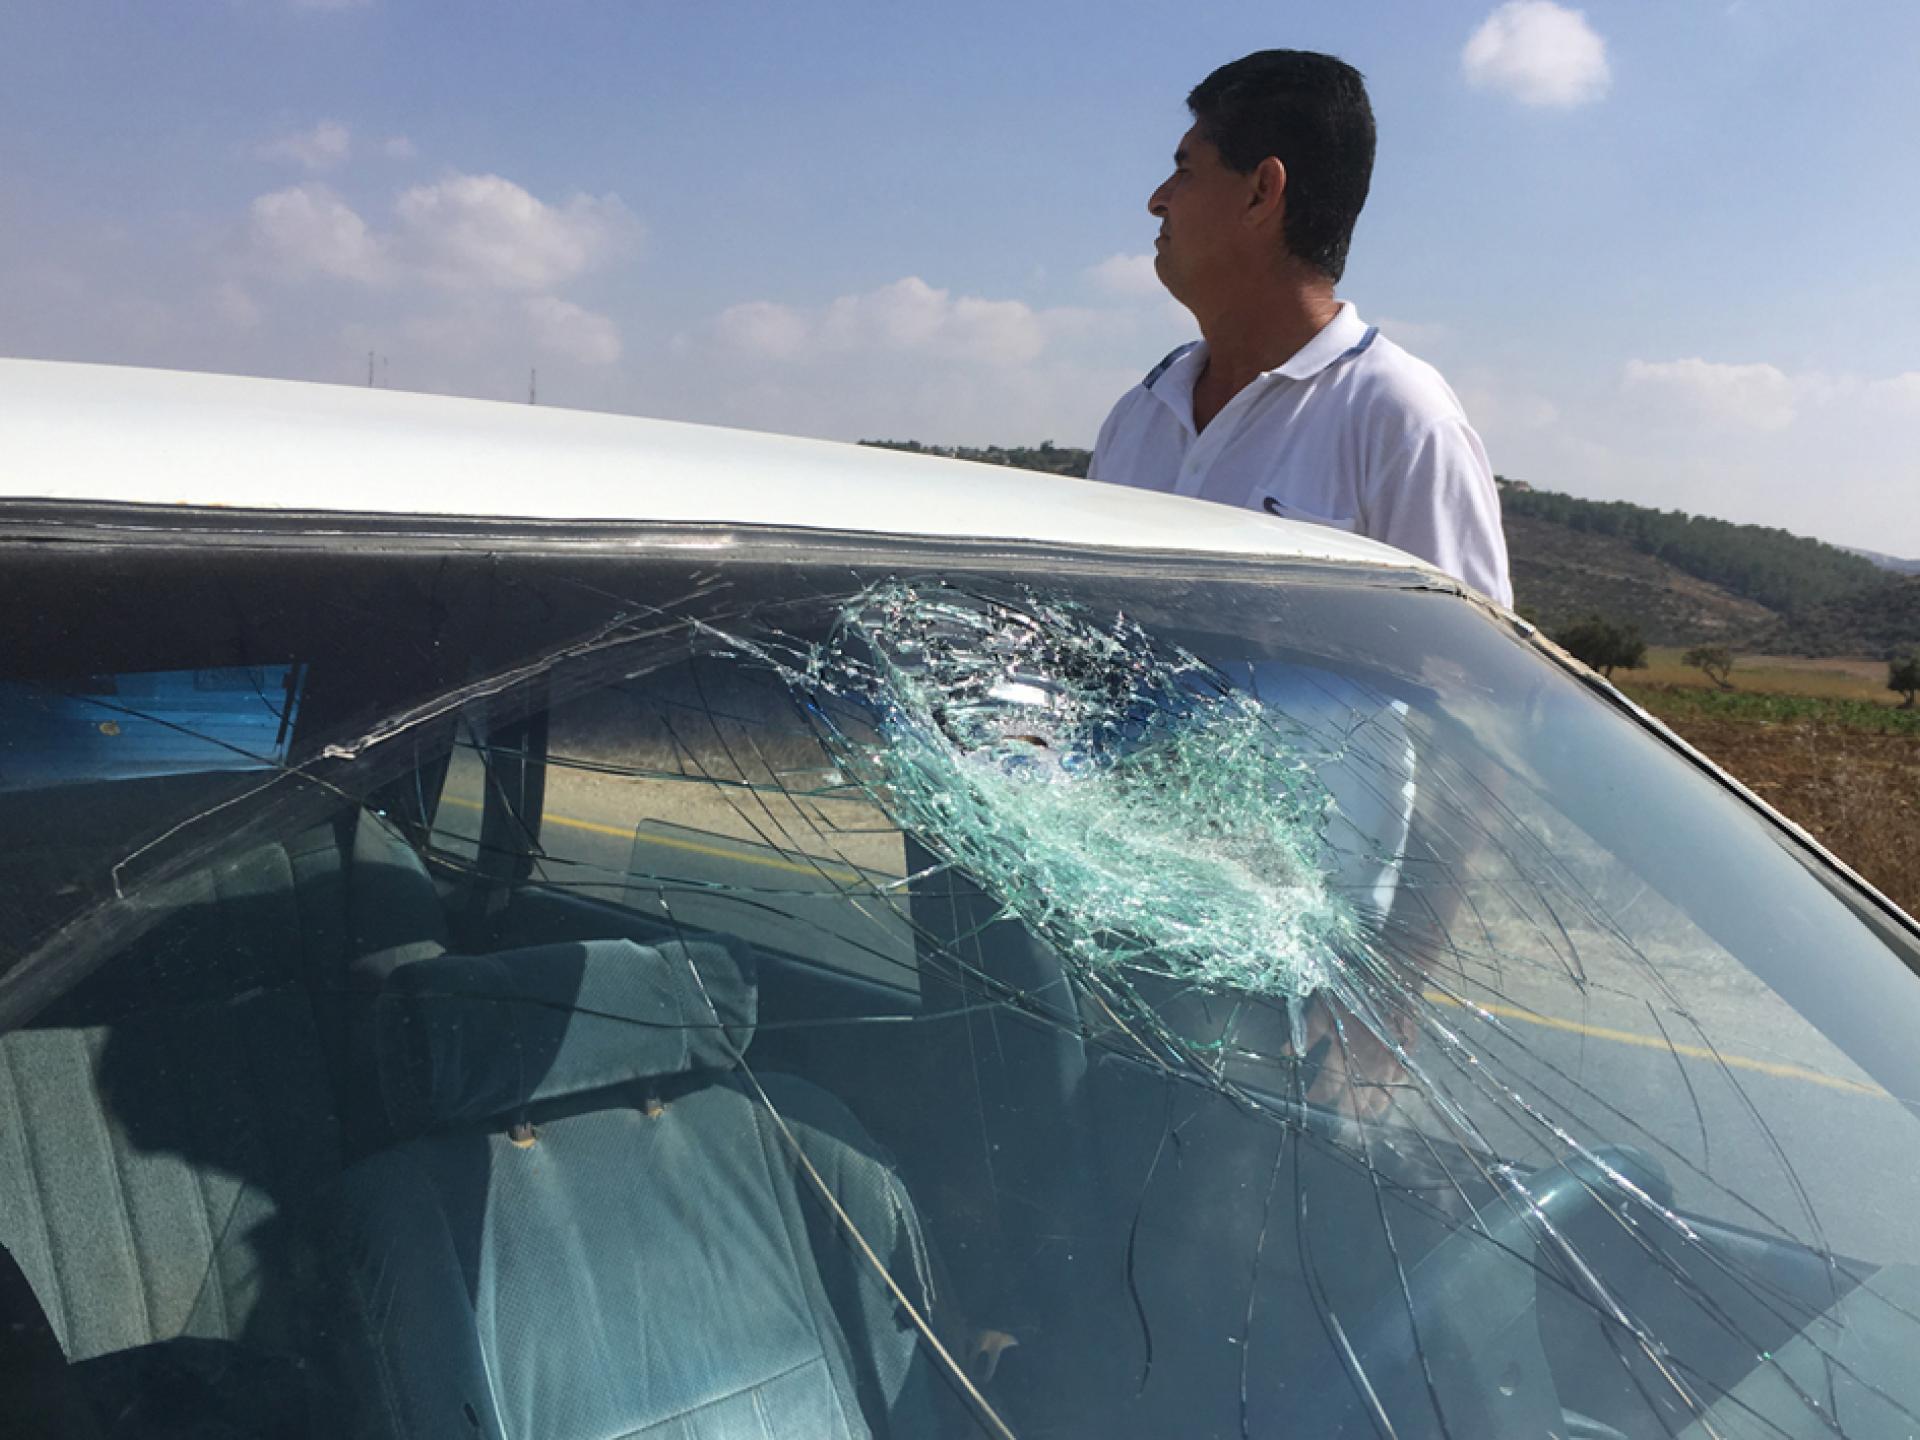 בדרך למחסום יעבד ילדים מנפצים חלון של רכב פלסטיני